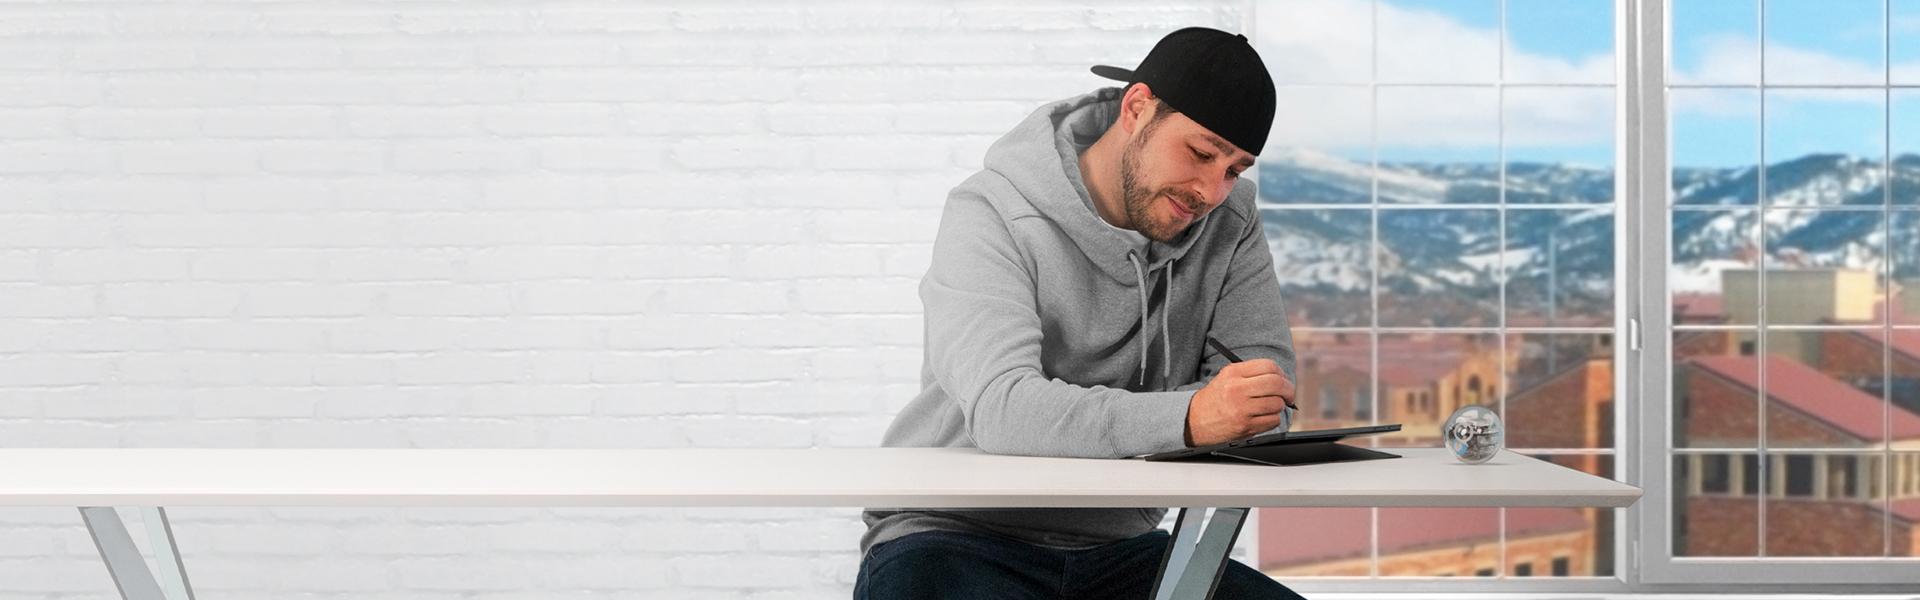 Lachende man die aan zijn bureau werkt met een Surface.